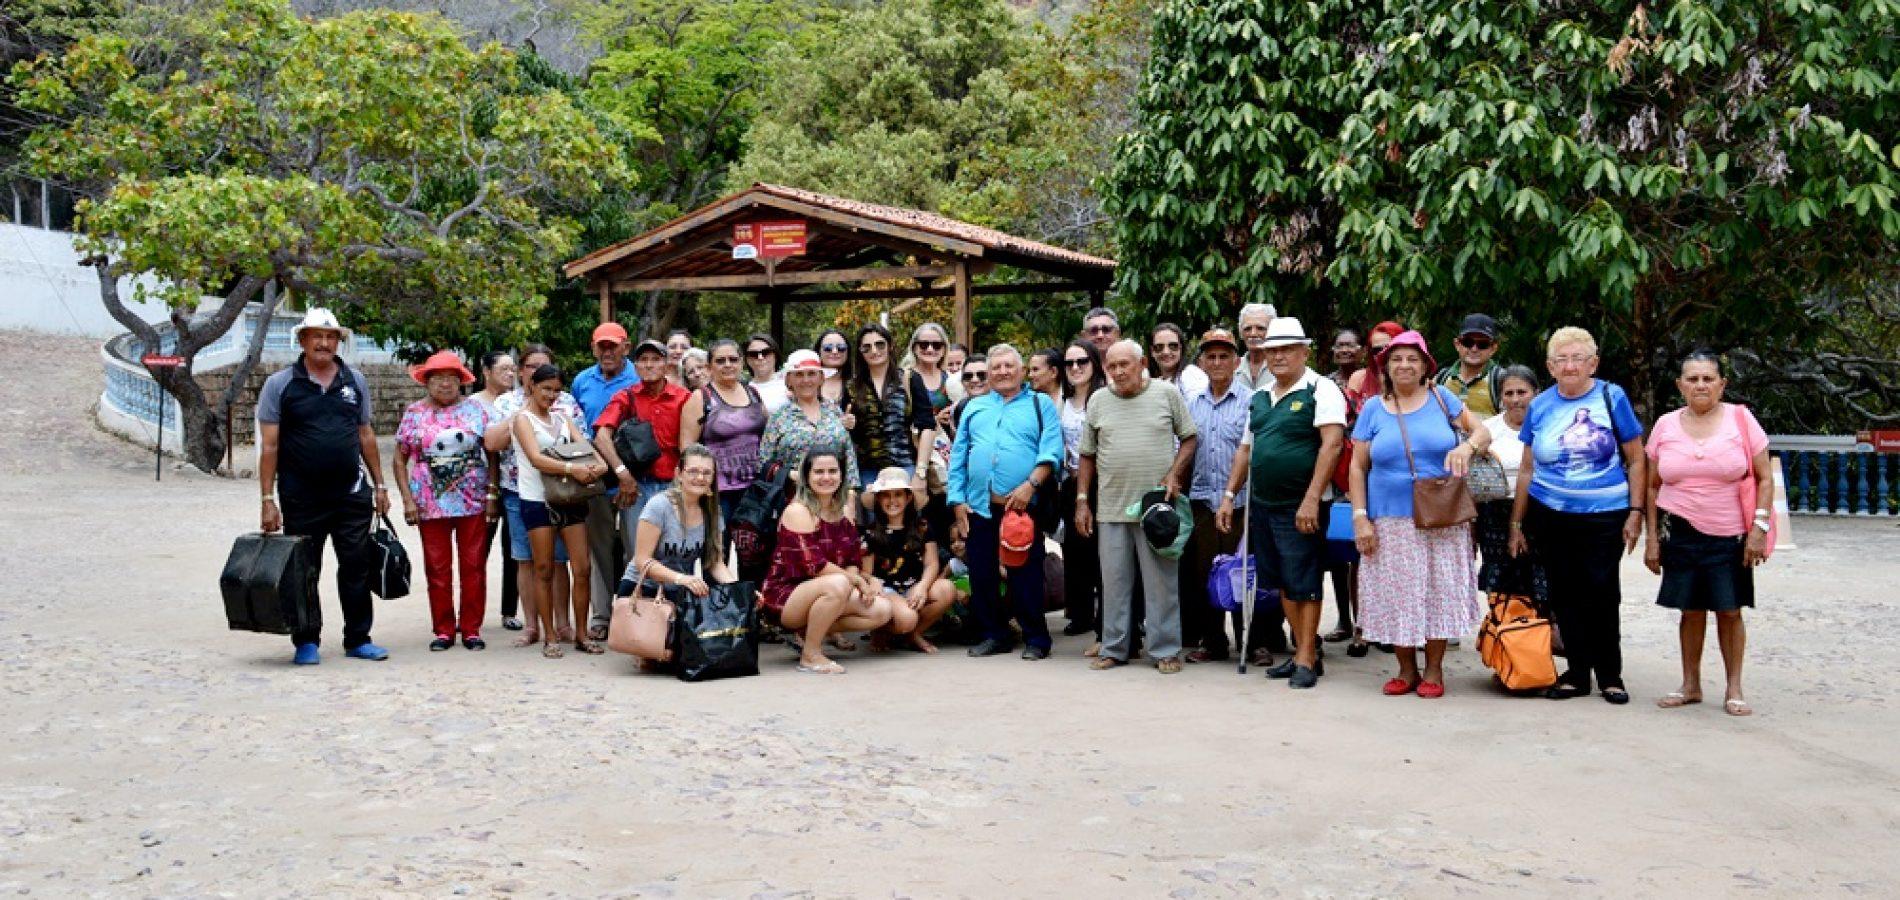 Assistência Social de Vila Nova promove viagem de lazer para idosos em balneário no Crato – CE; fotos